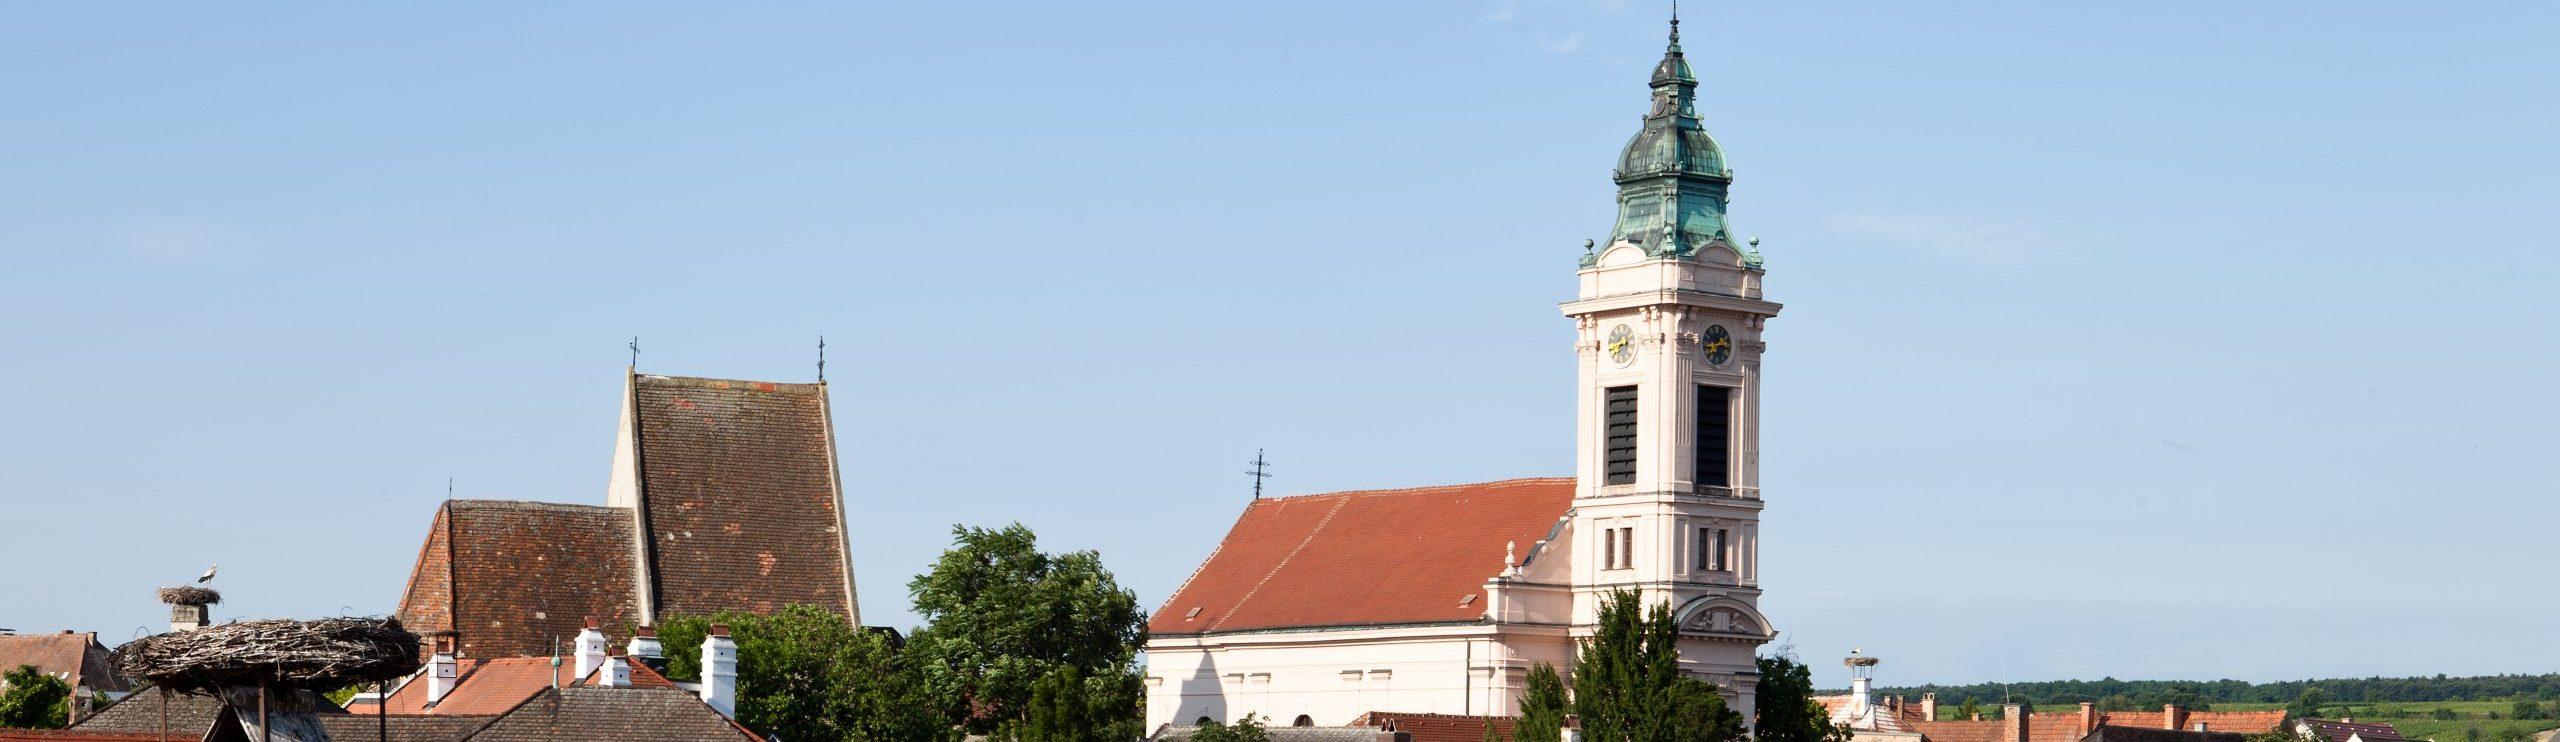 Fischerkirchenkonzert